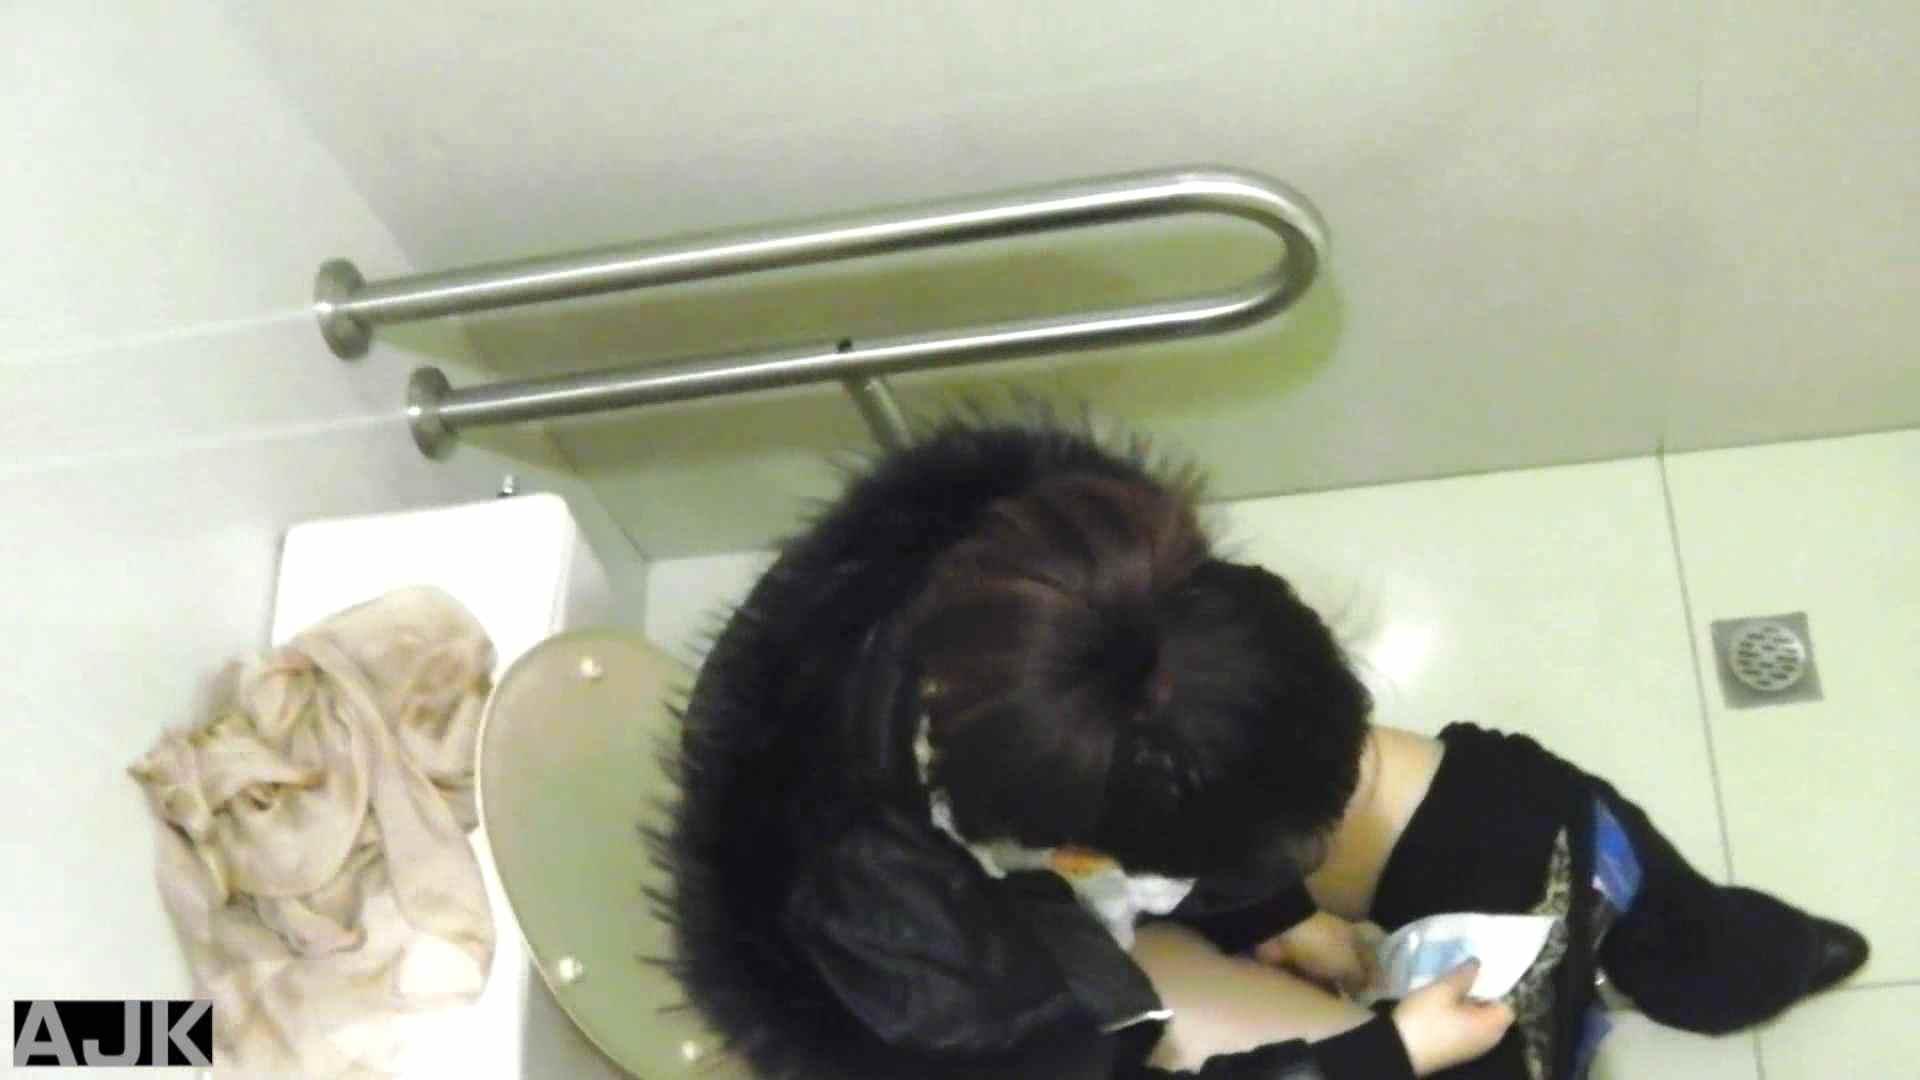 隣国上階級エリアの令嬢たちが集うデパートお手洗い Vol.19 OL   お手洗い  73連発 54